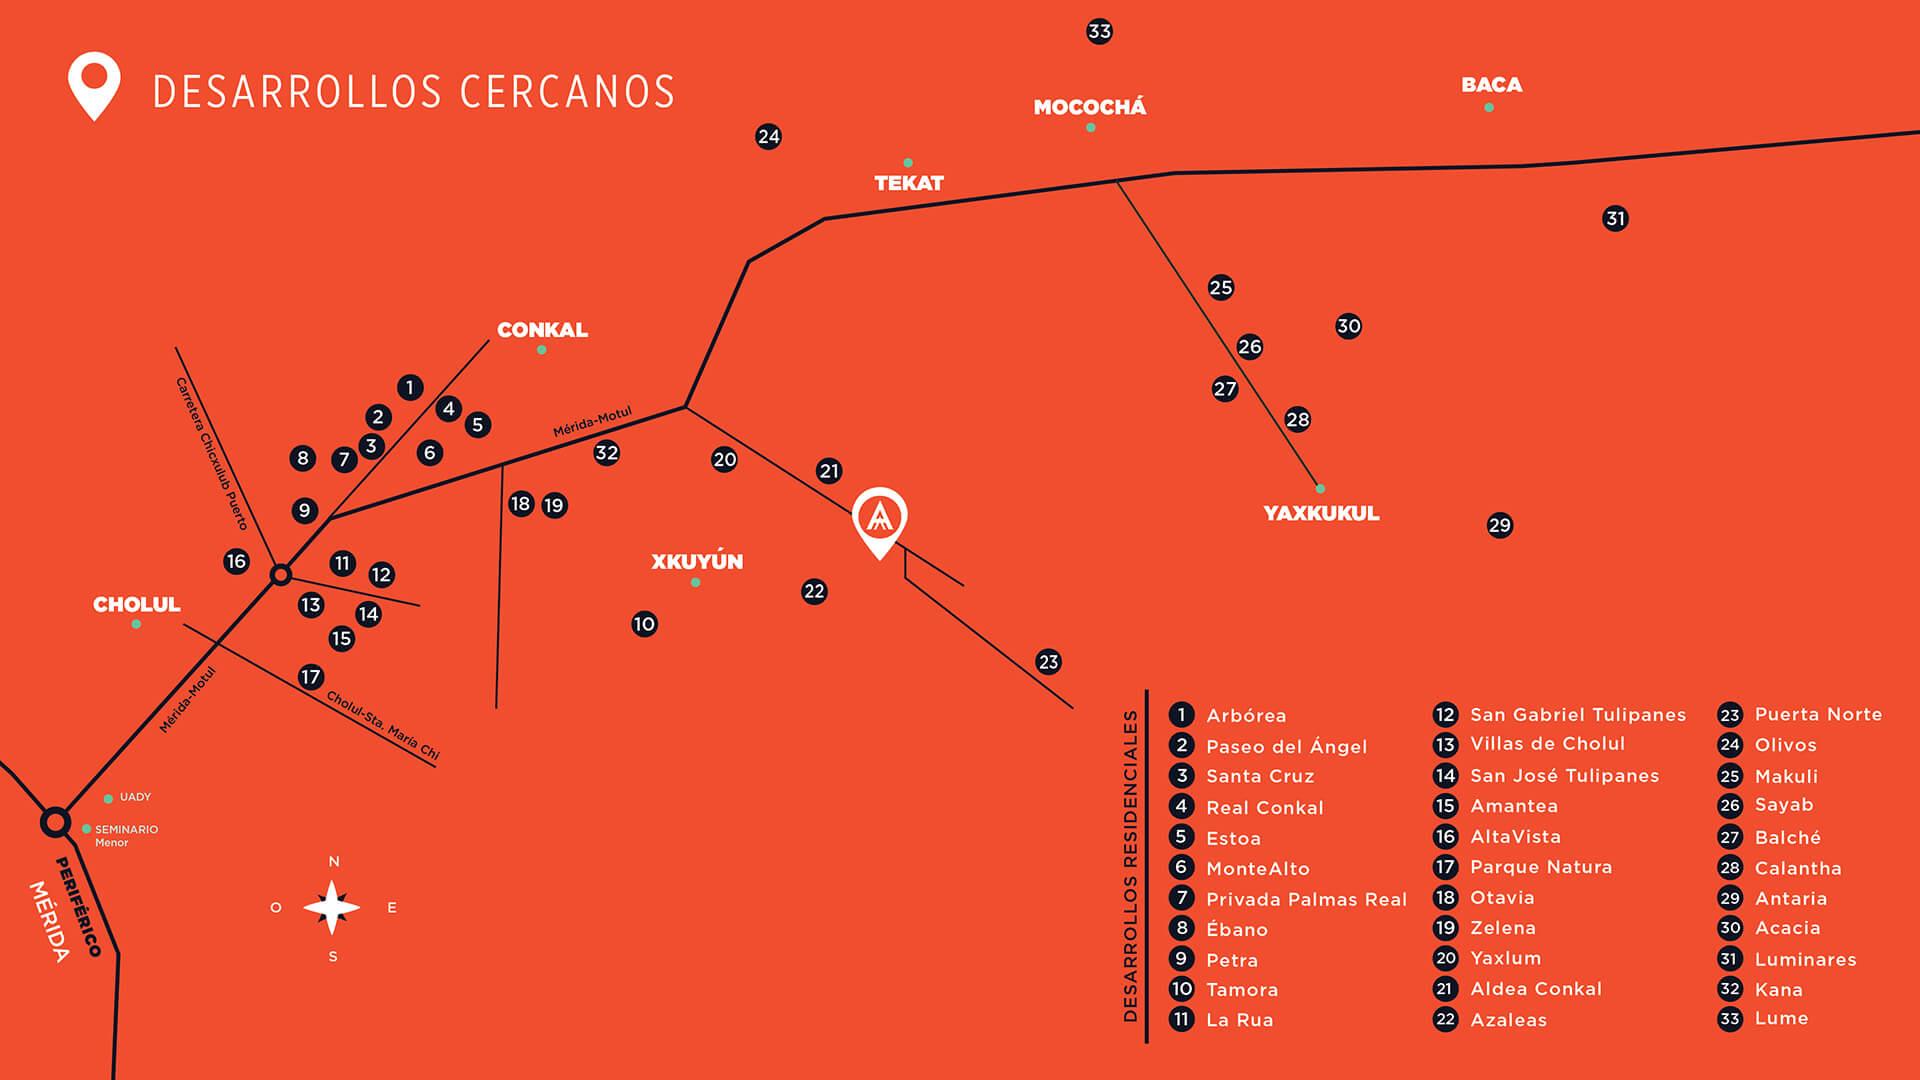 Terrenos Residenciales Venta Mérida Algea Goodlers